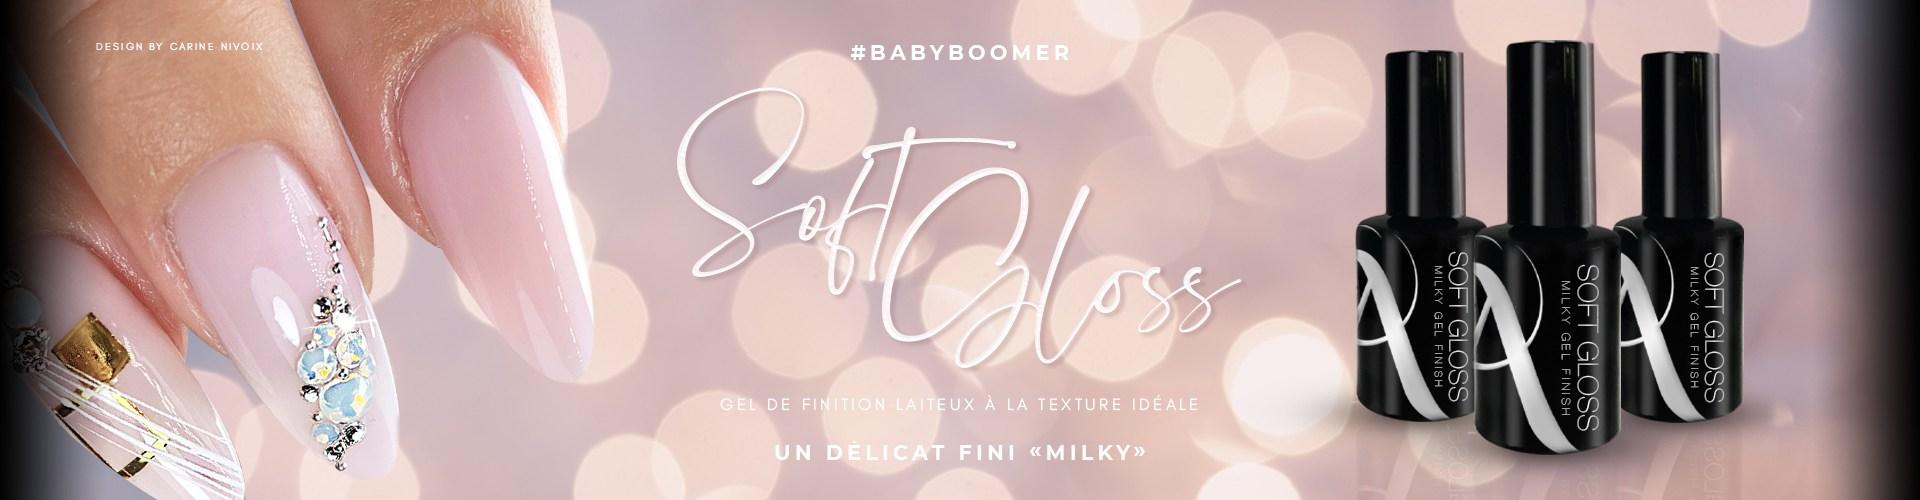 NOUVEAUTÉ : Gel de finition Milky pour Babyboomer